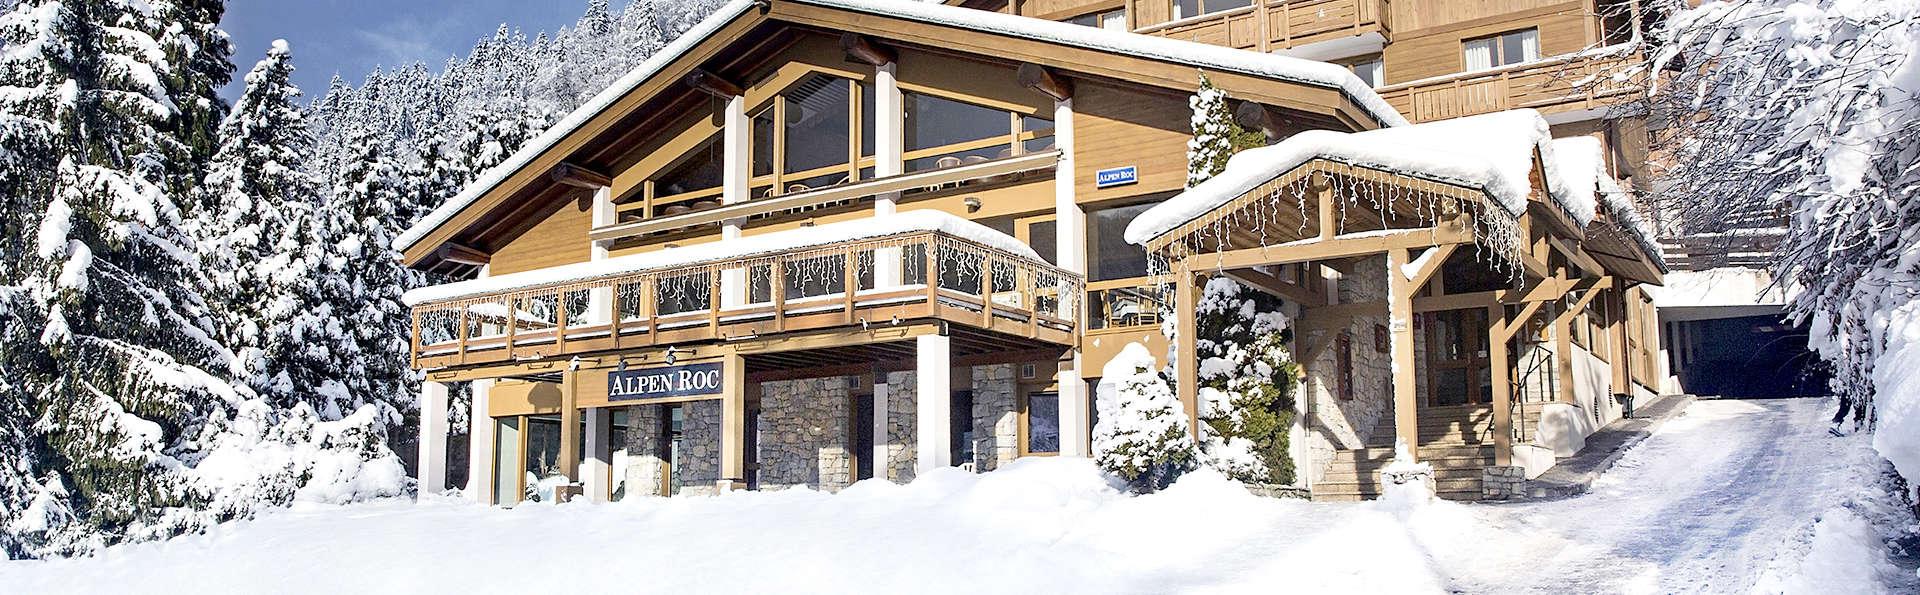 Hôtel Alpen Roc - La Clusaz - Edit_Front.jpg